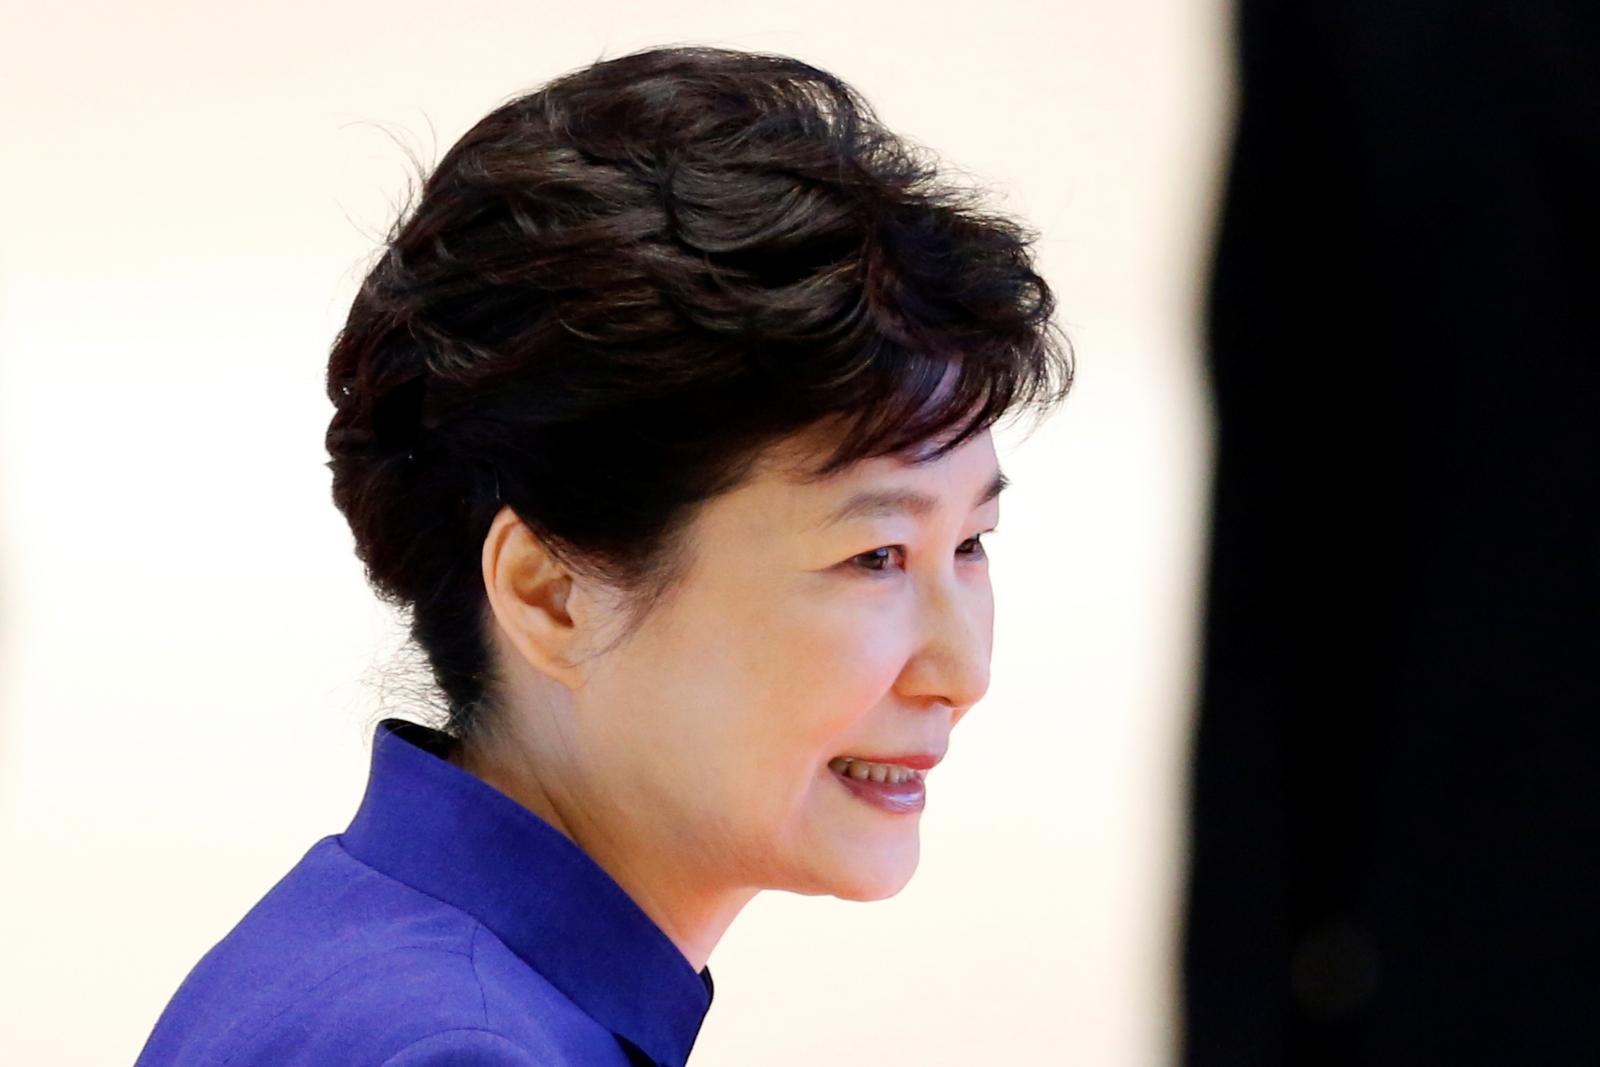 North and South Korea held 3 secret meetings in December ...